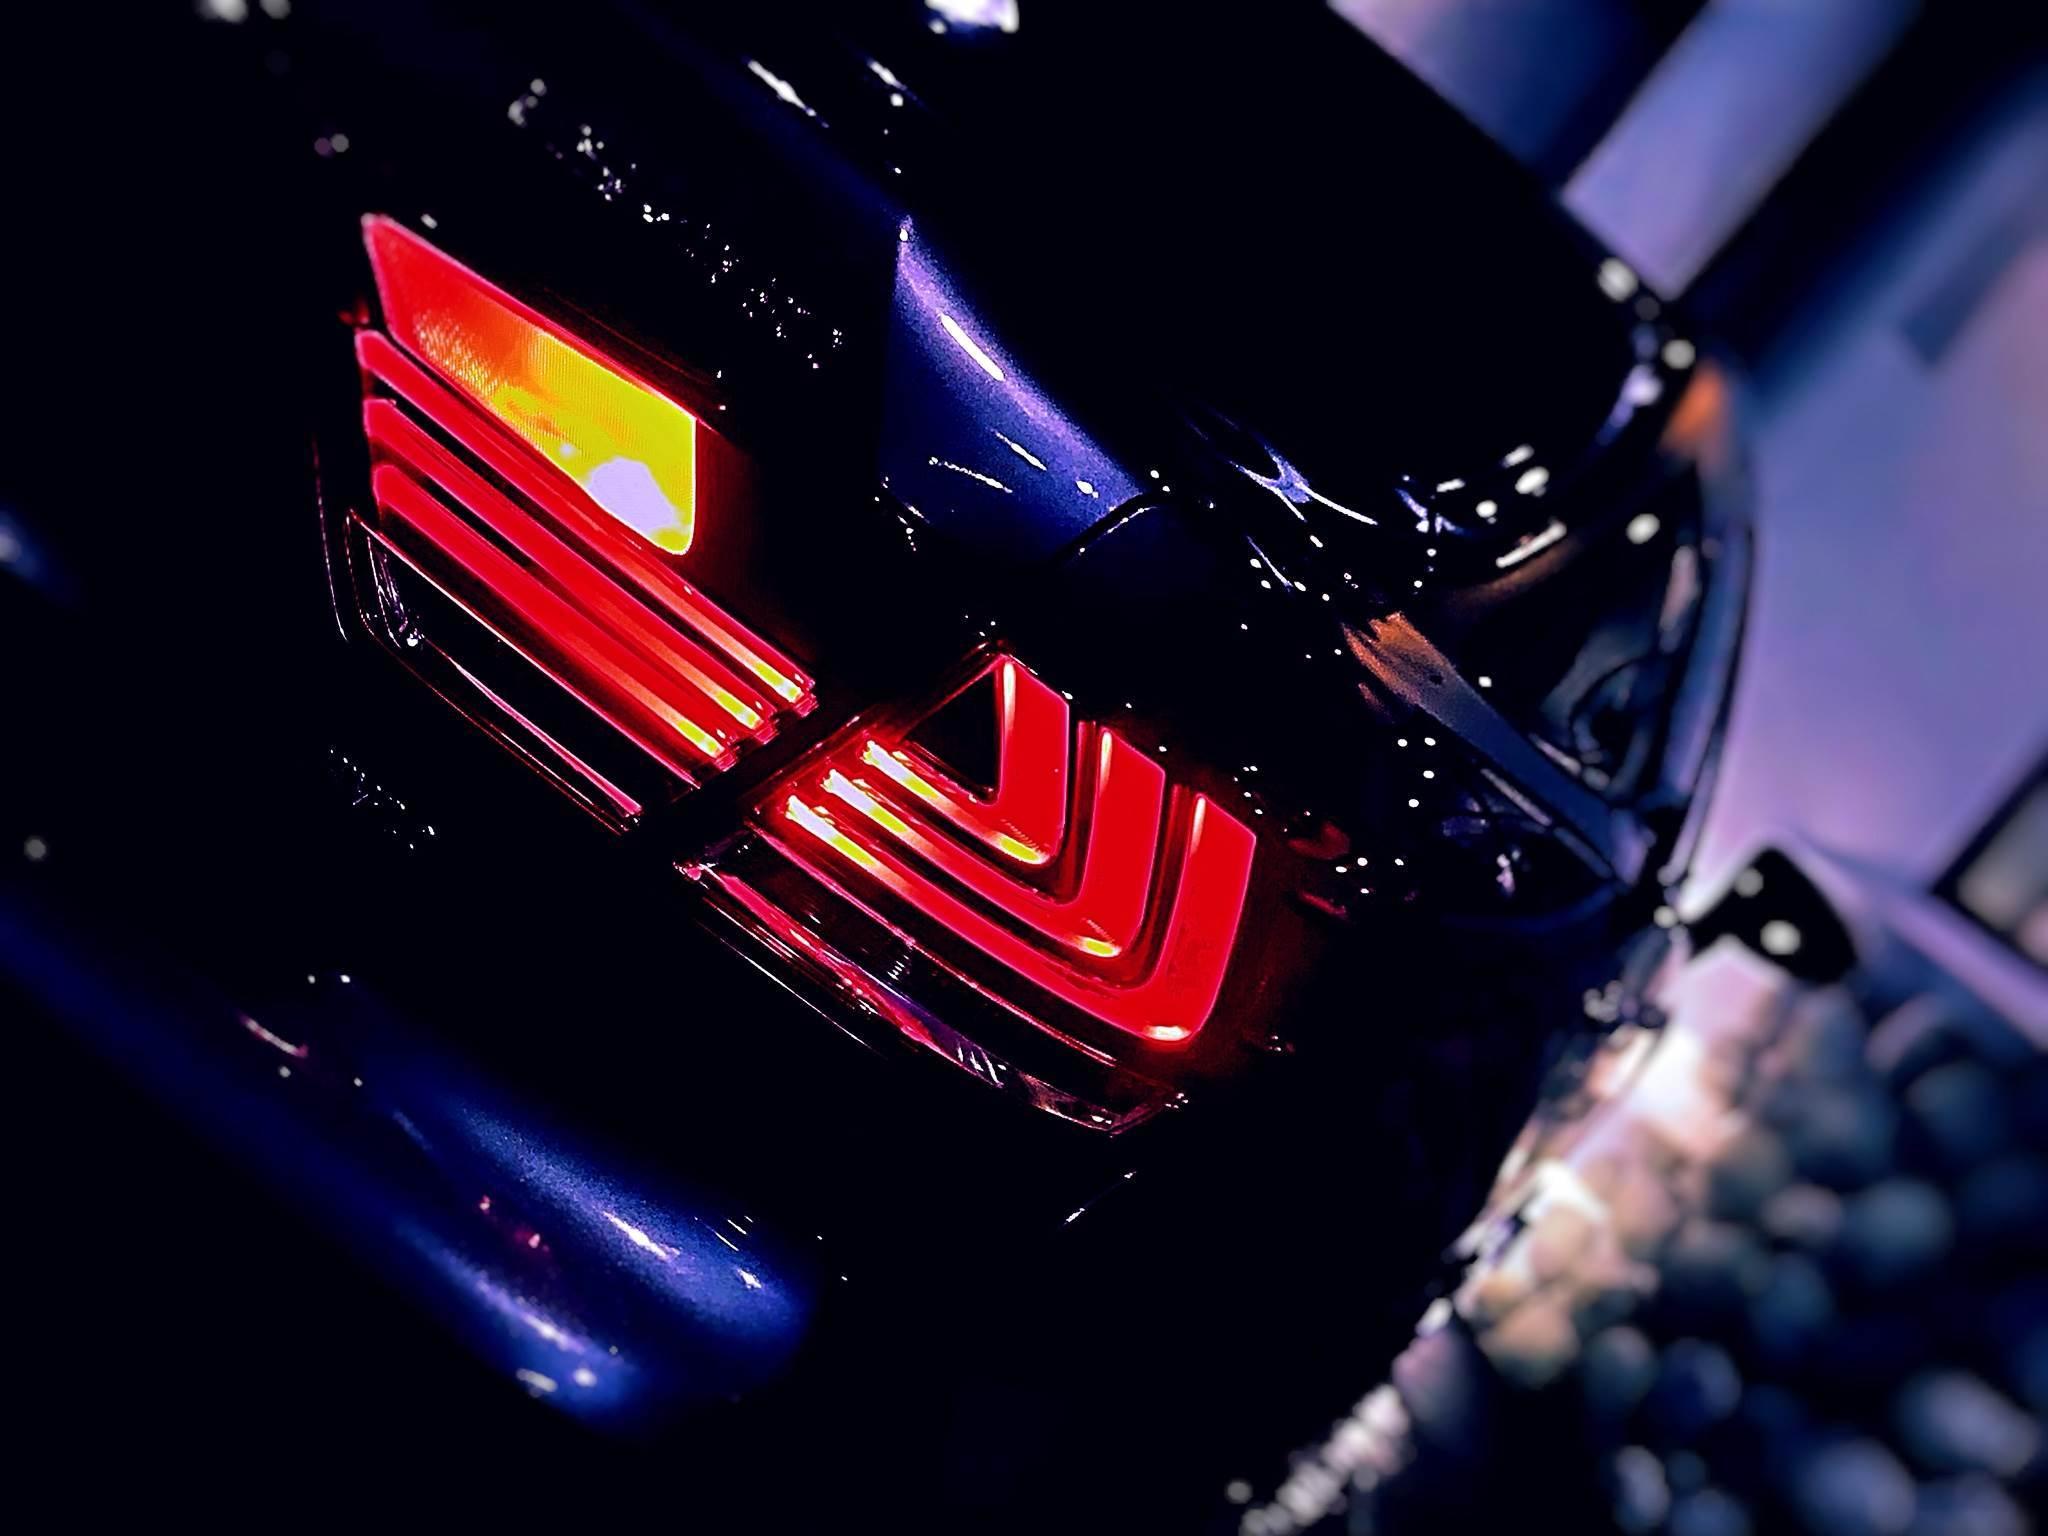 2月26日(月)トミーベース カスタムブログ☆新型QX802台入庫確定☆LS460後期AWD LS600hLエグゼクティブPKGもご紹介していきます☆_b0127002_09511140.jpg